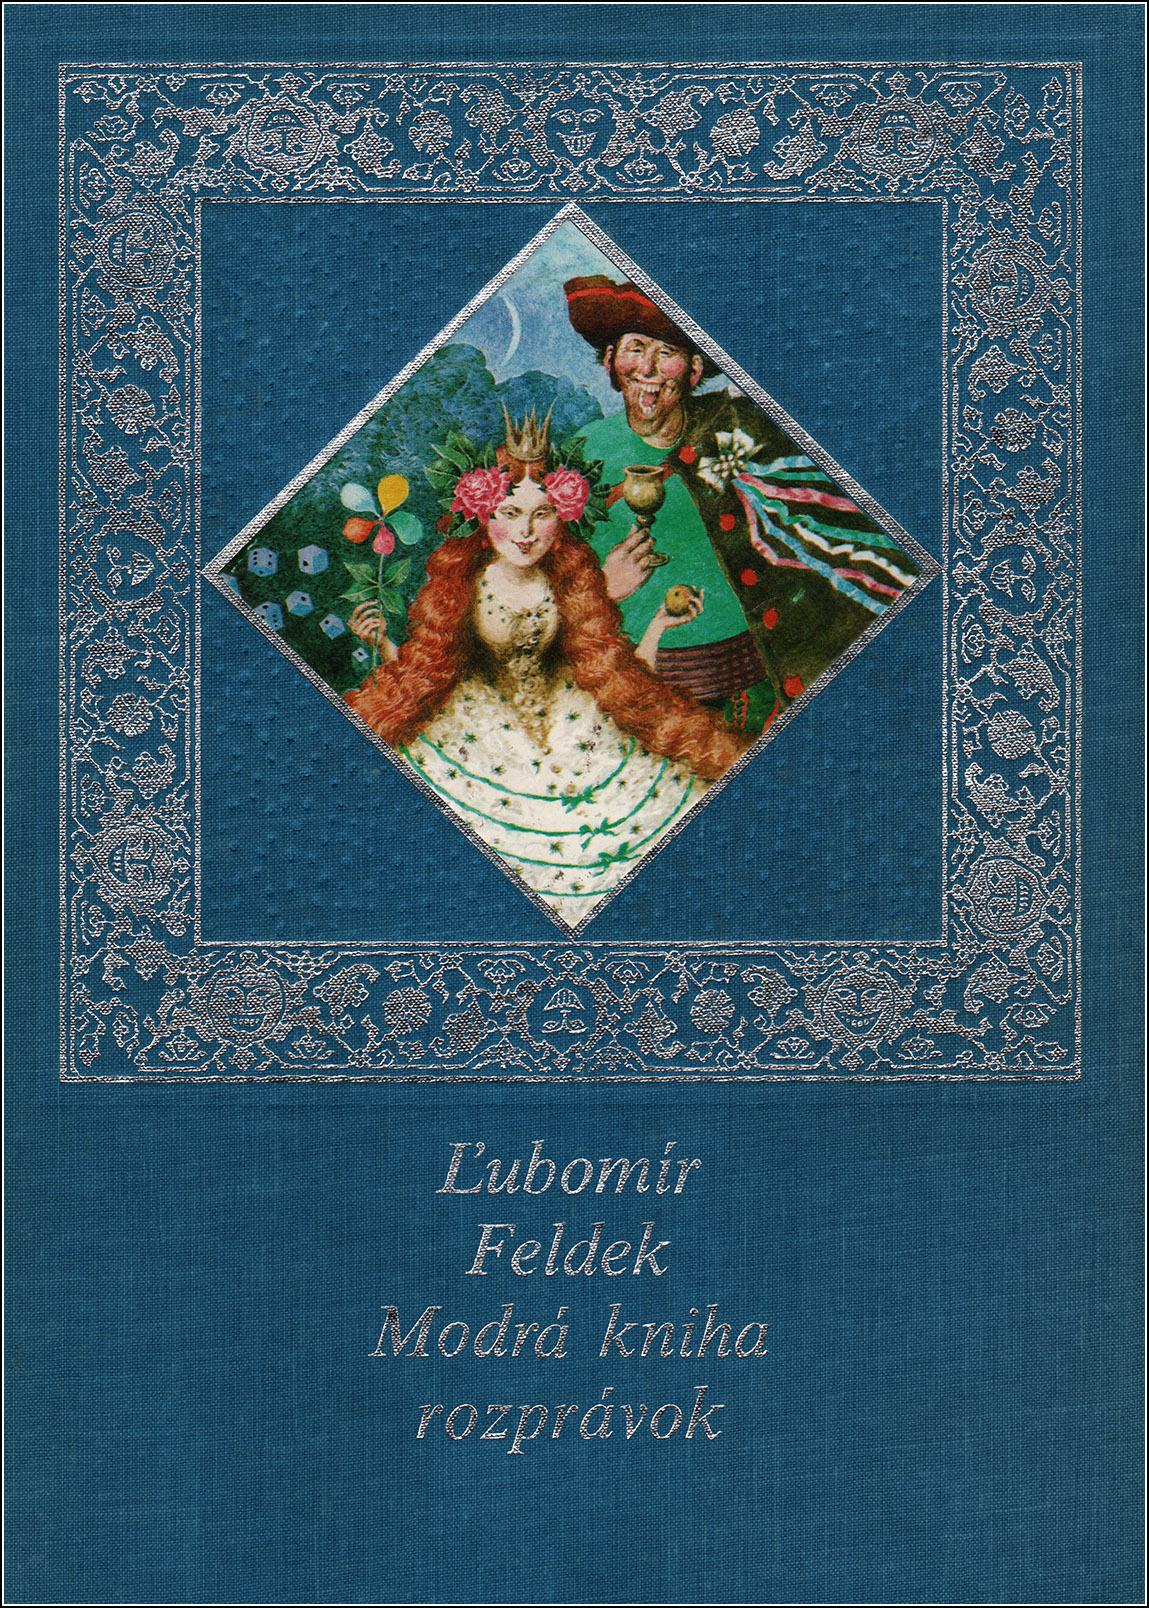 Albín Brunovský, Modra kniha rozpravok